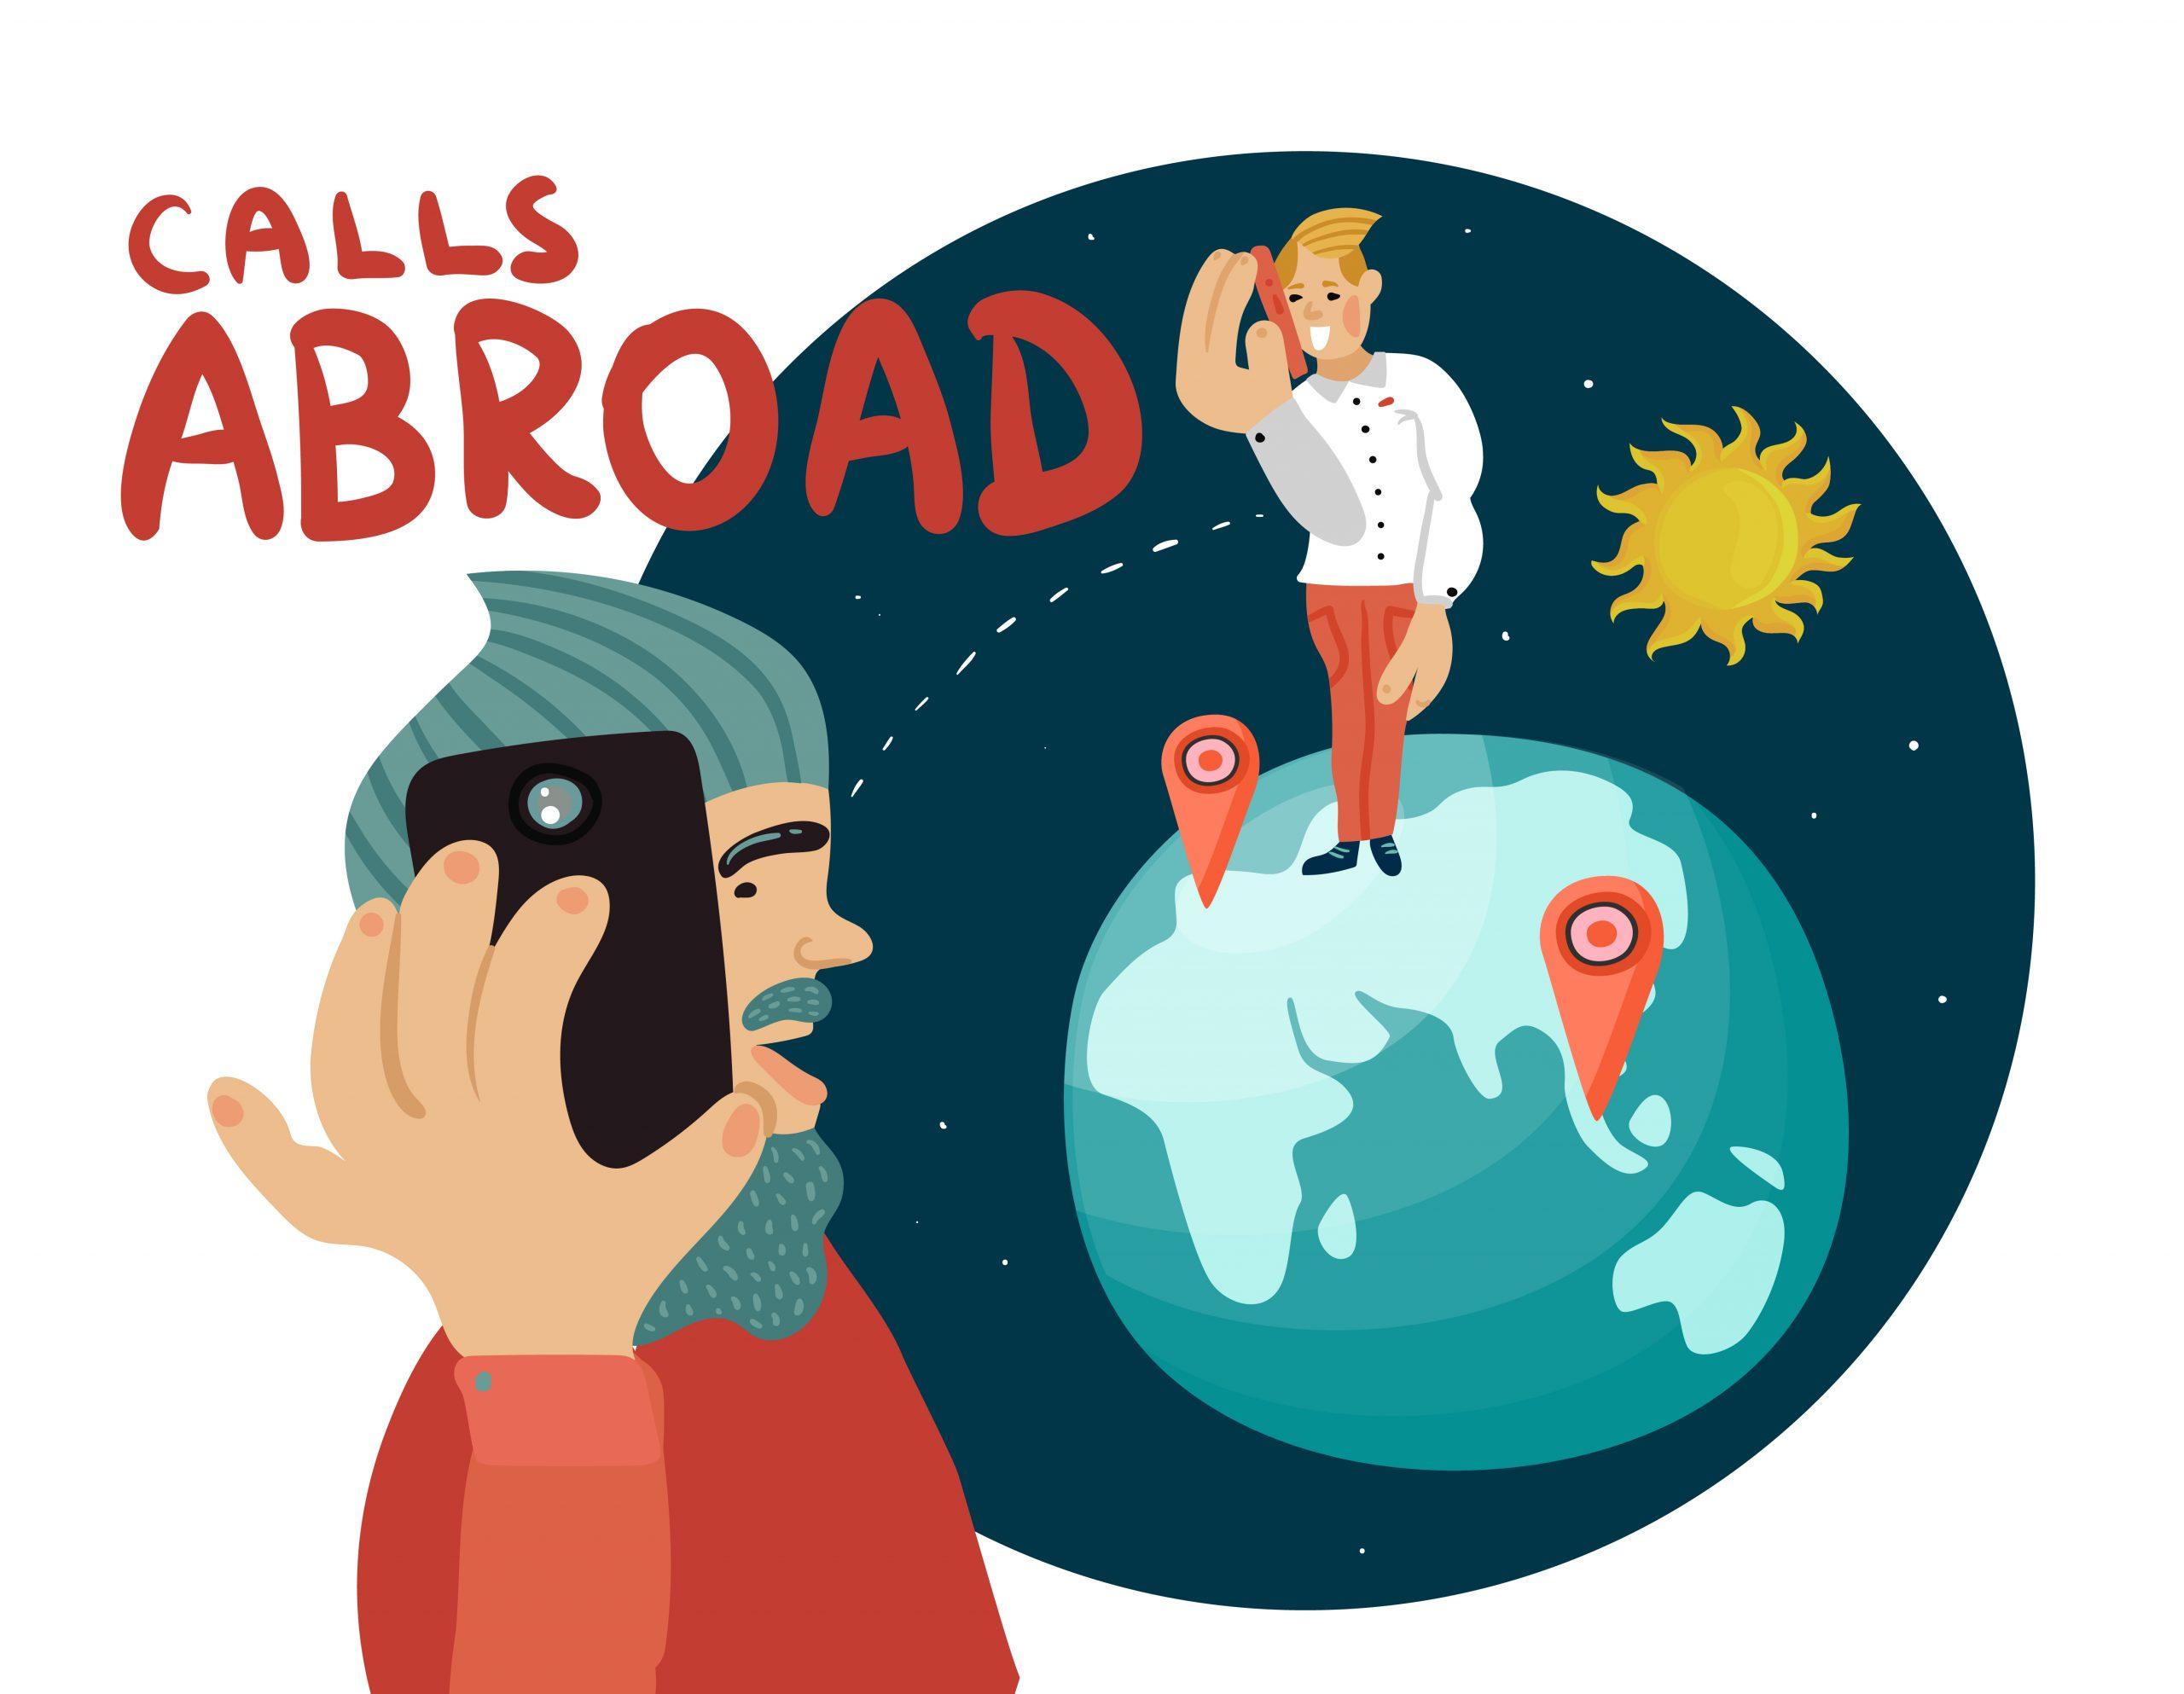 קידומת בינלאומית לשיחות לחול